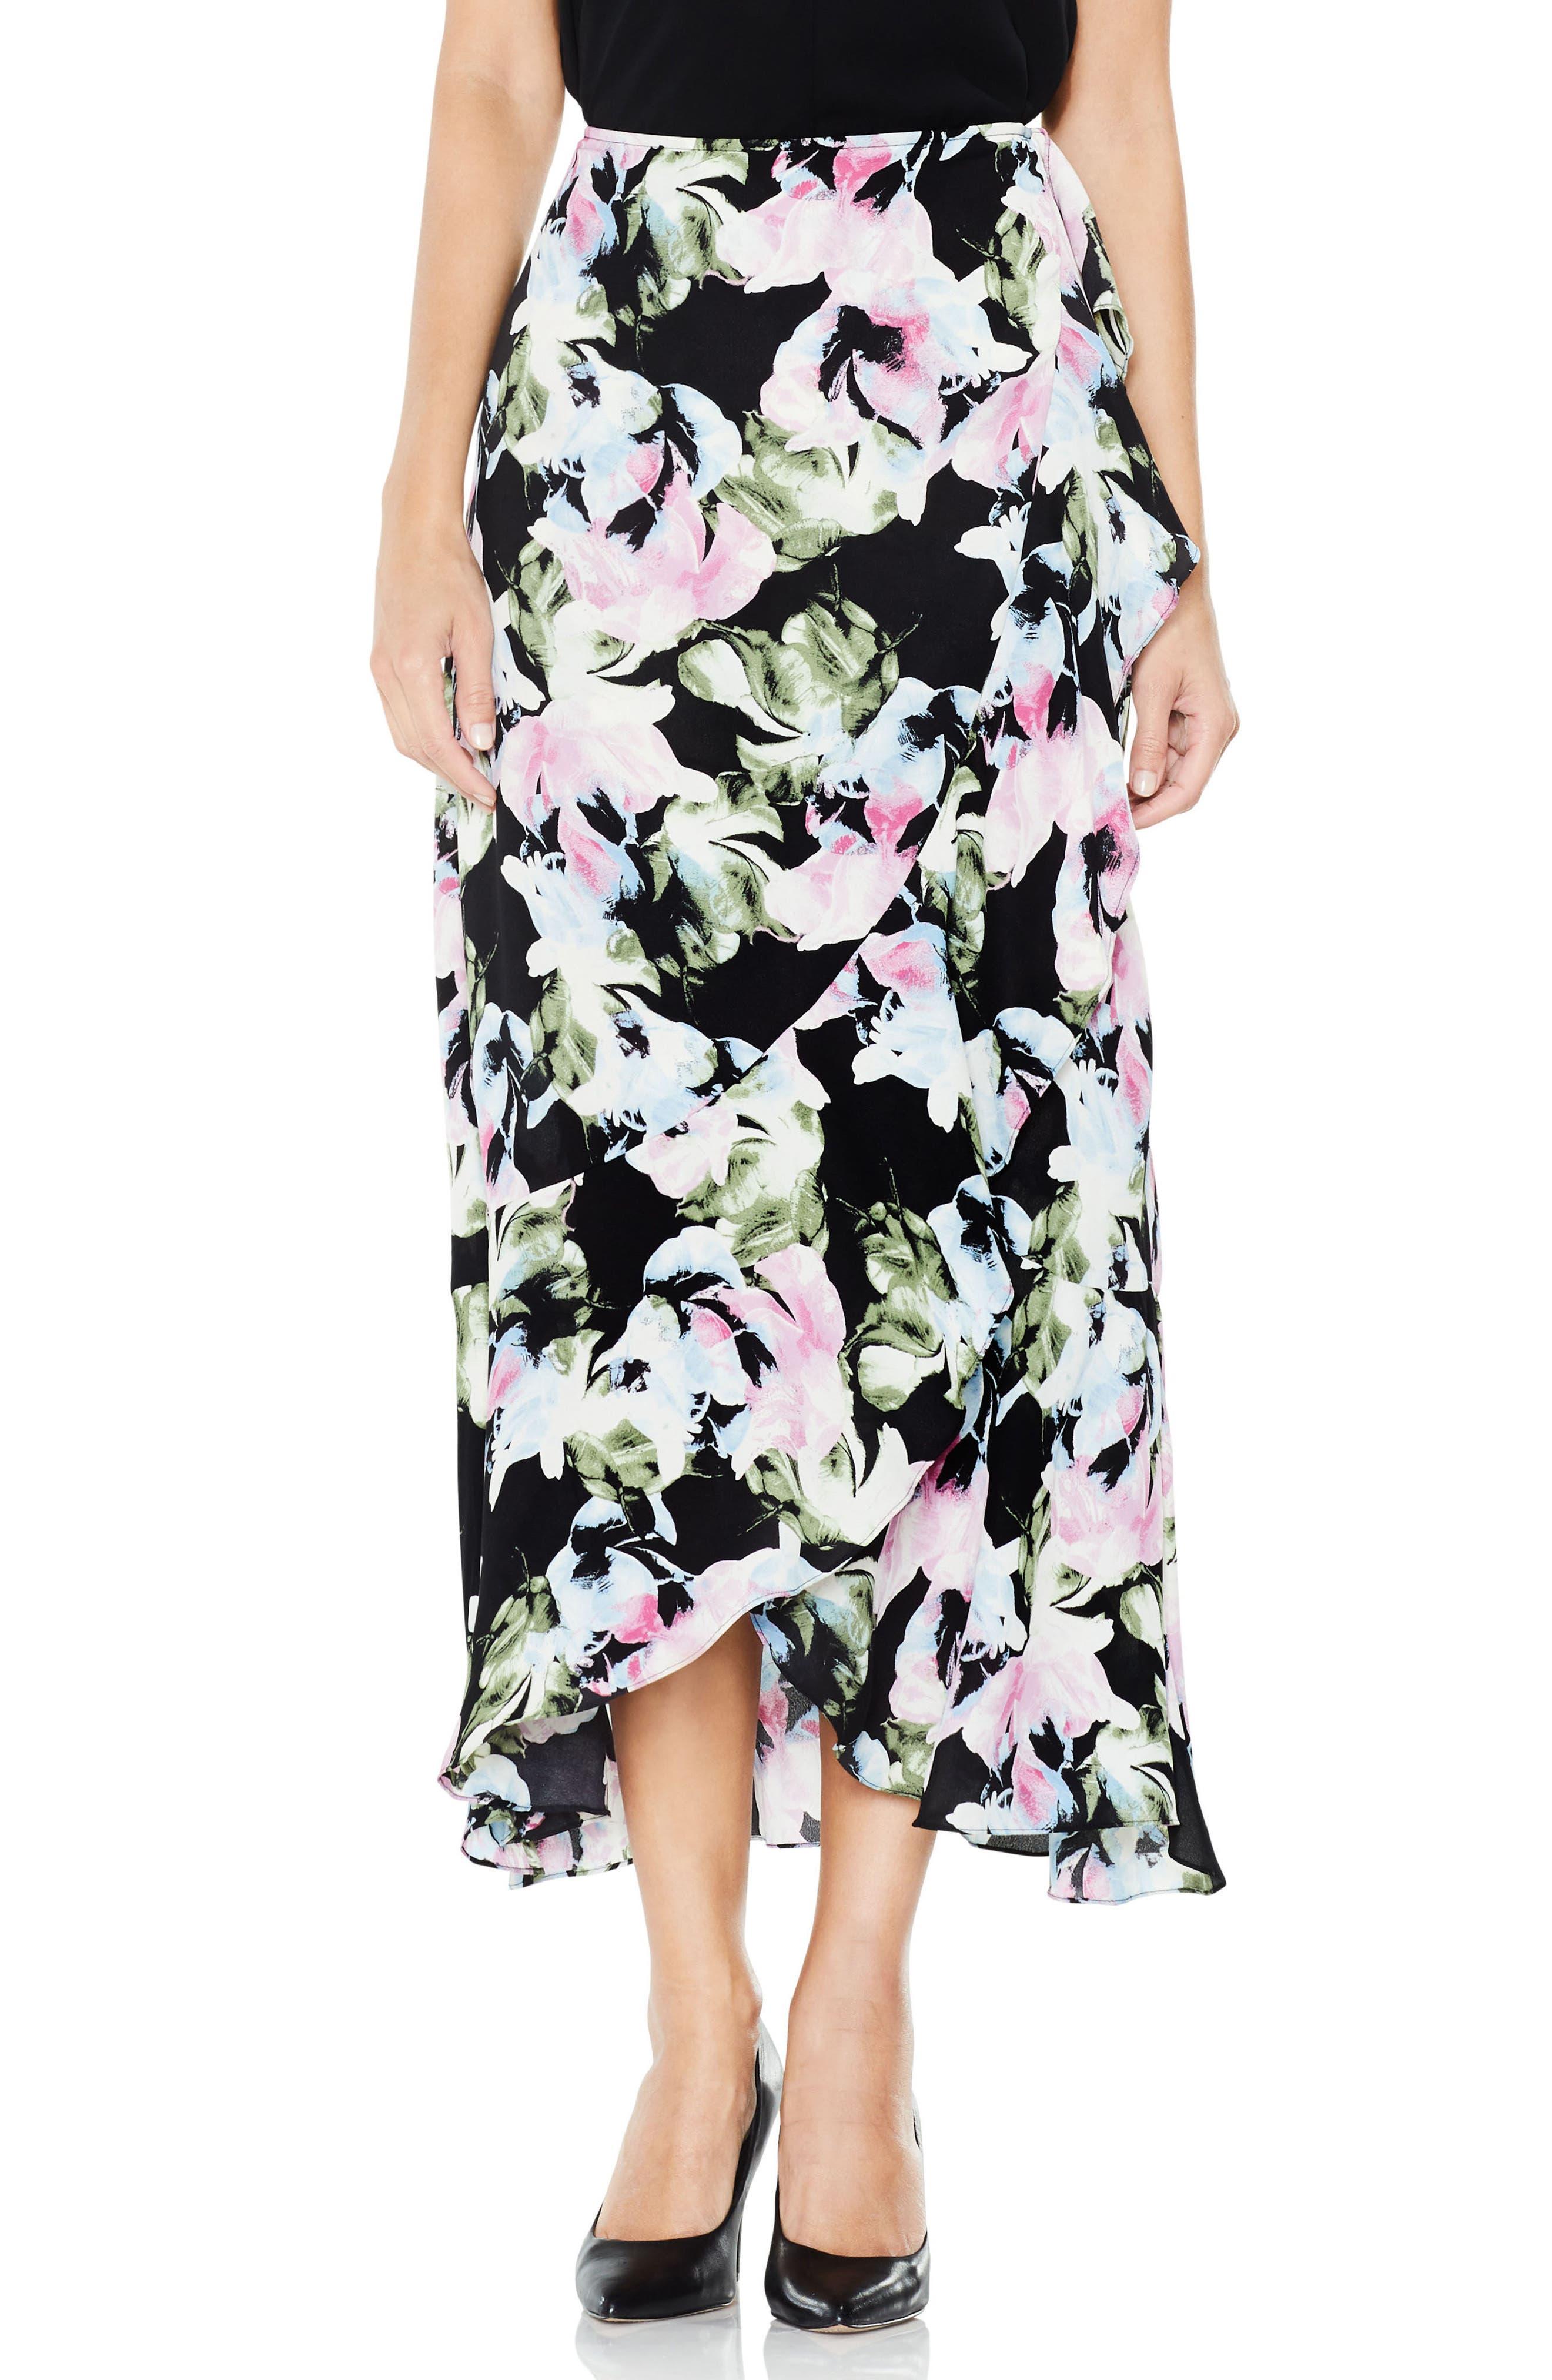 Glacier Floral Ruffle Skirt,                         Main,                         color, Rich Black